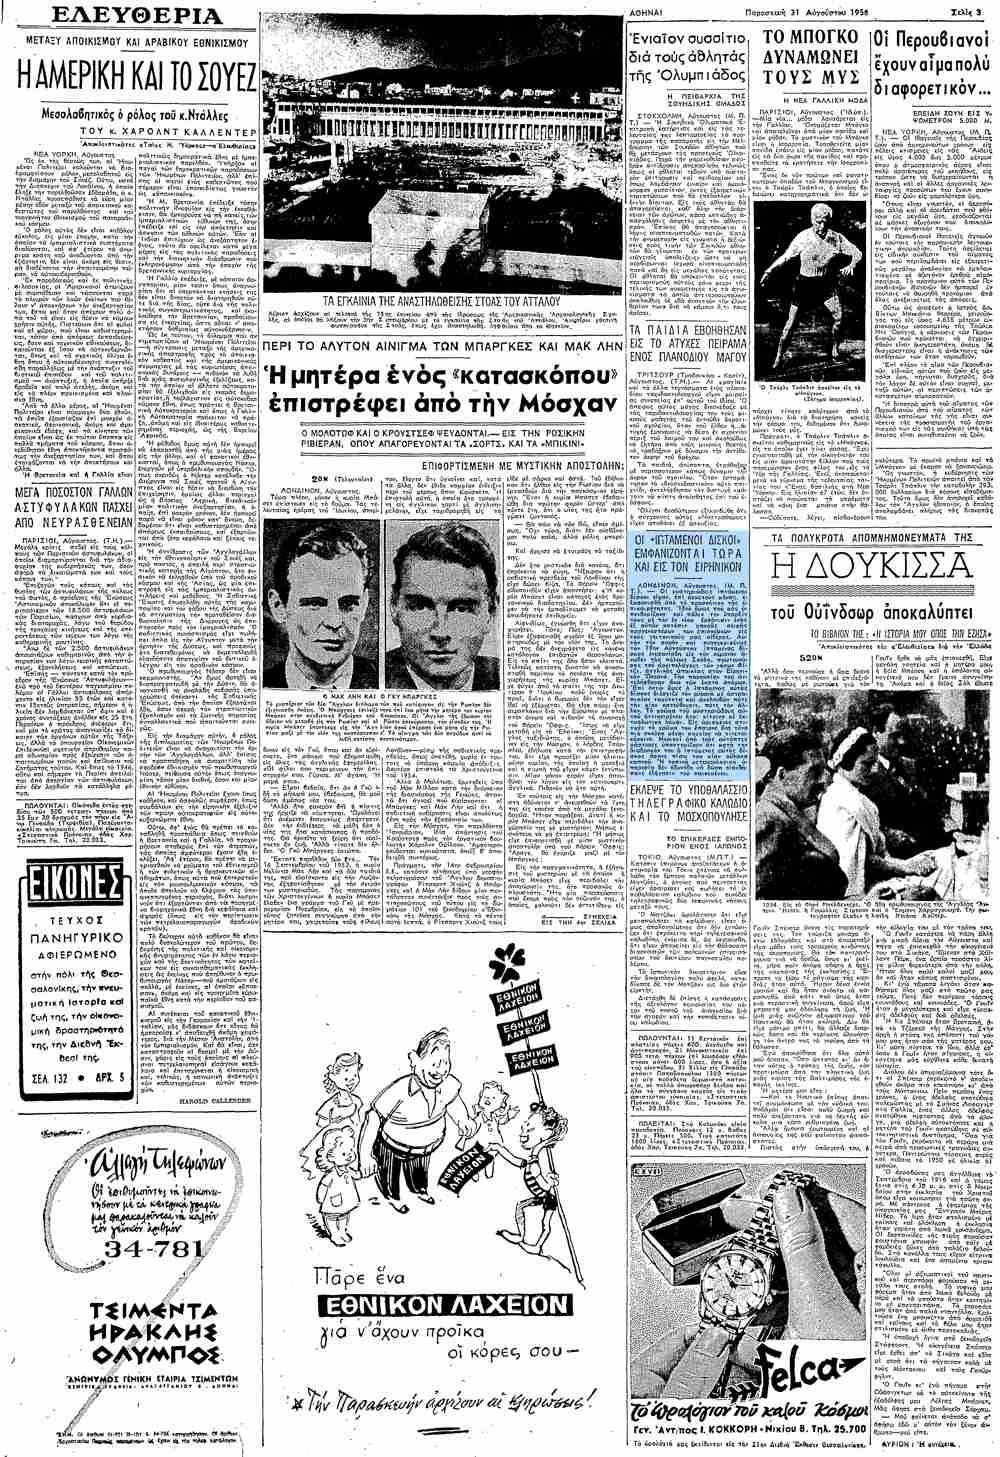 """Το άρθρο, όπως δημοσιεύθηκε στην εφημερίδα """"ΕΛΕΥΘΕΡΙΑ"""", στις 31/08/1956"""